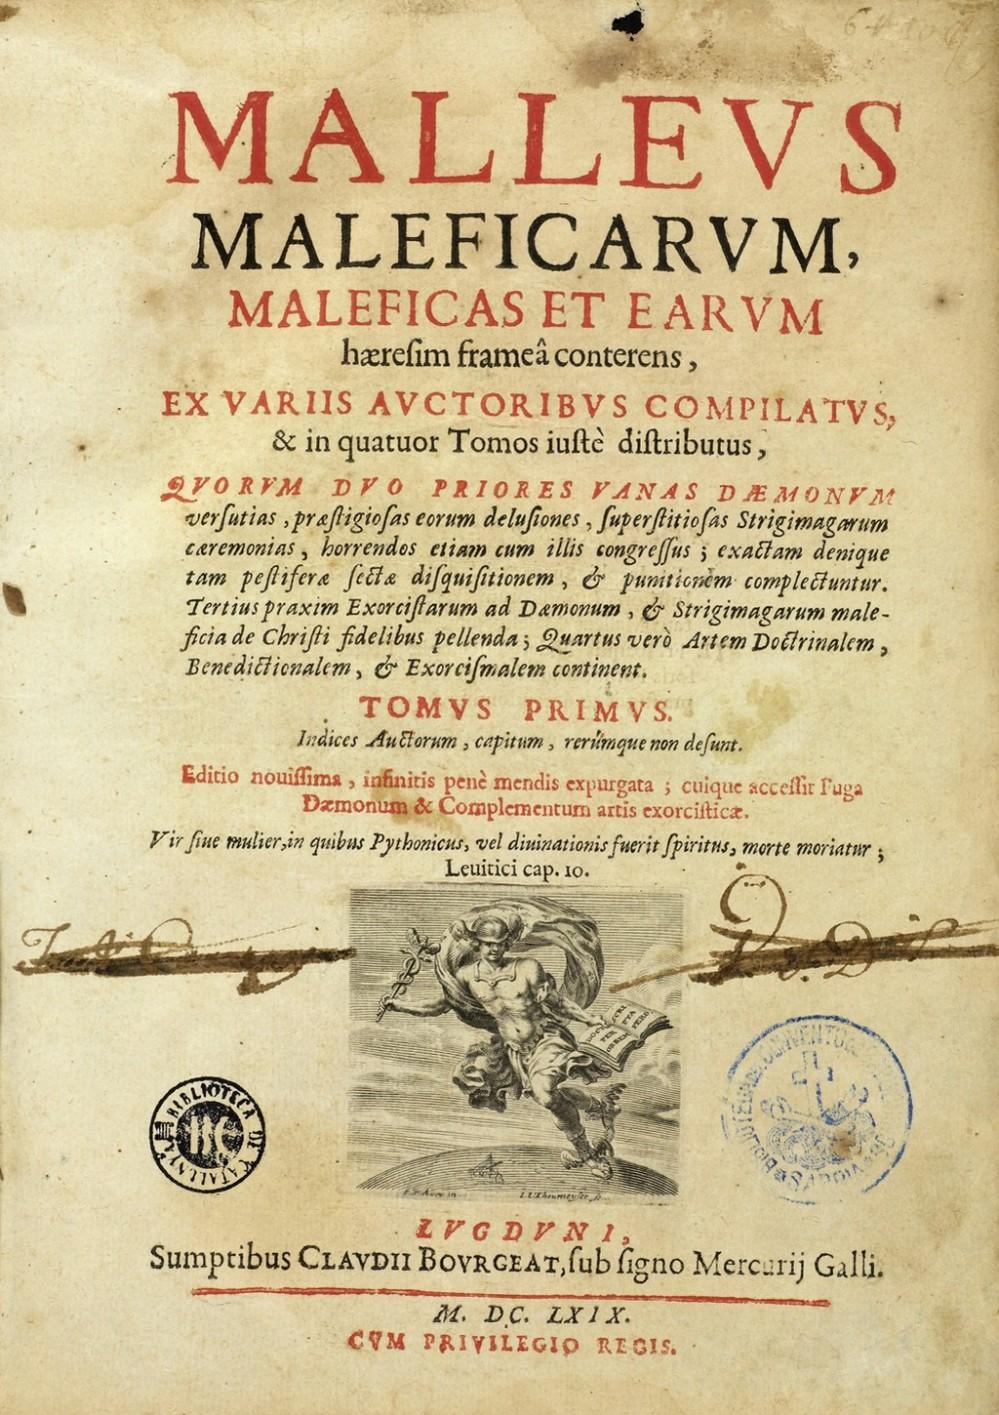 J._Sprenger_and_H._Institutoris,_Malleus_maleficarum._Wellcome_L0000980